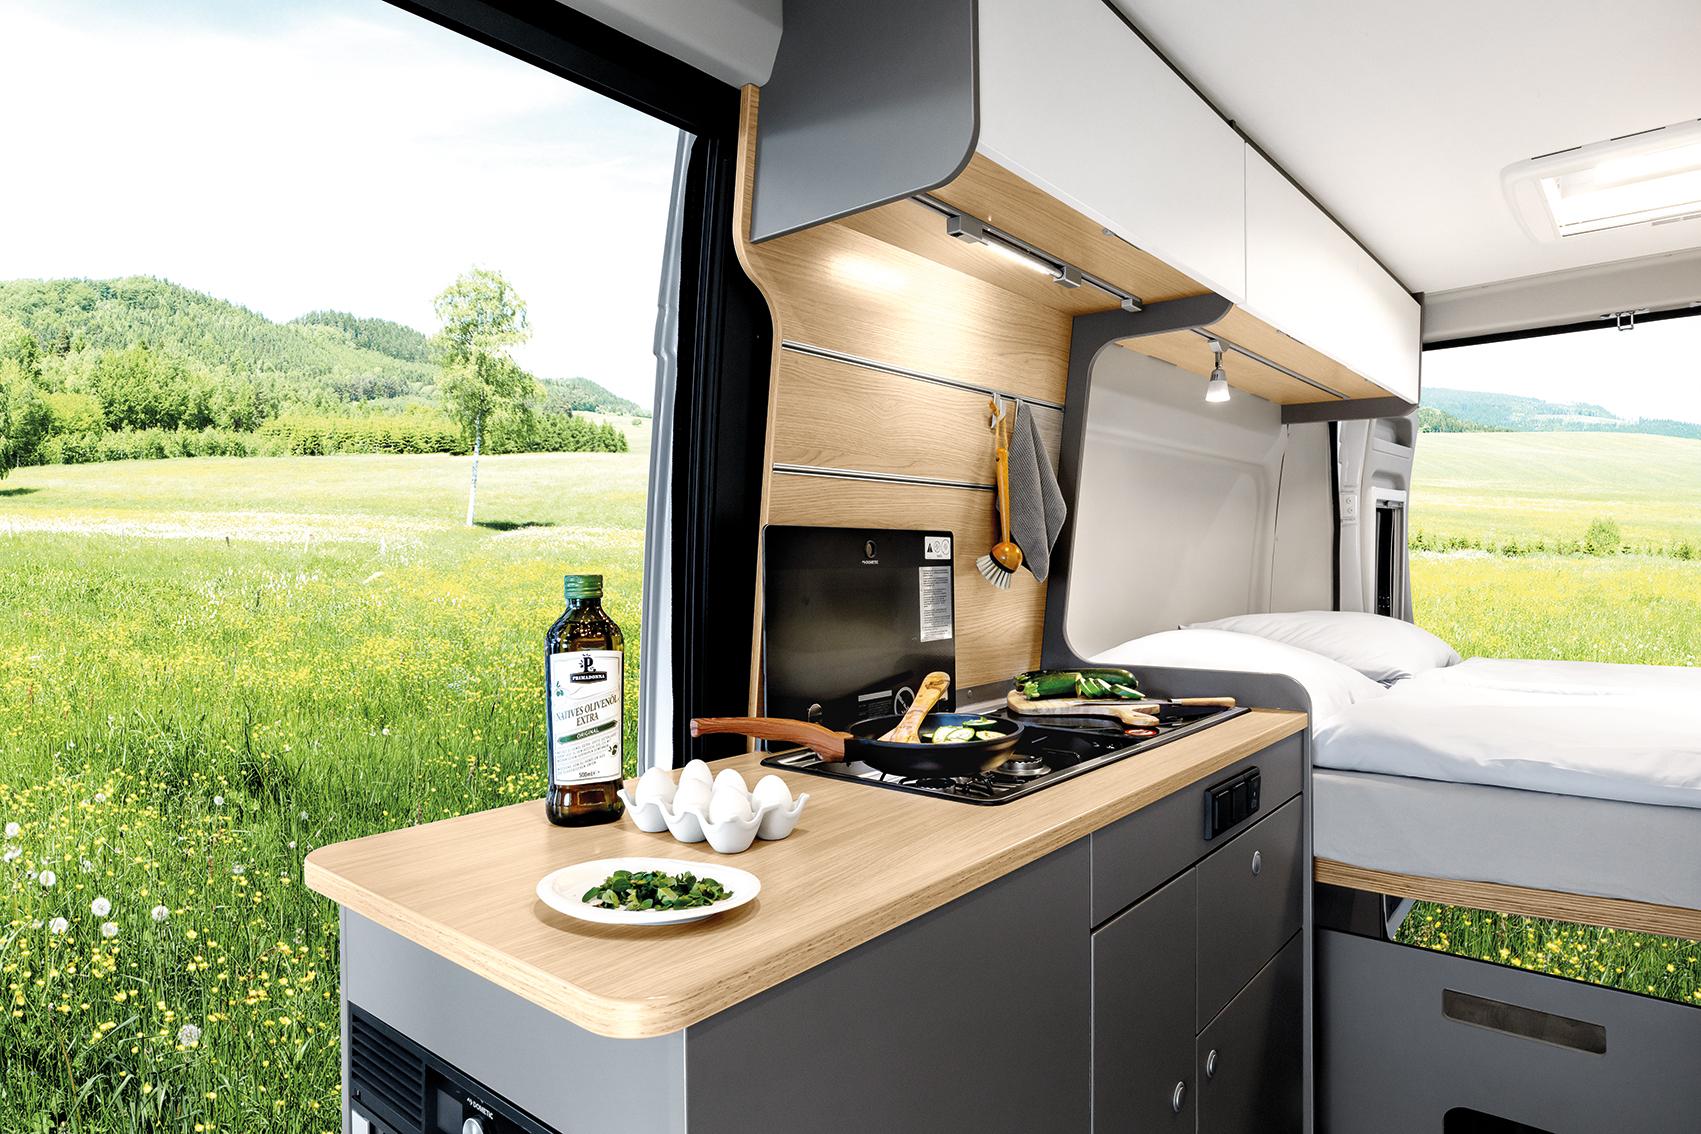 Keuken van de LMC Innovan.